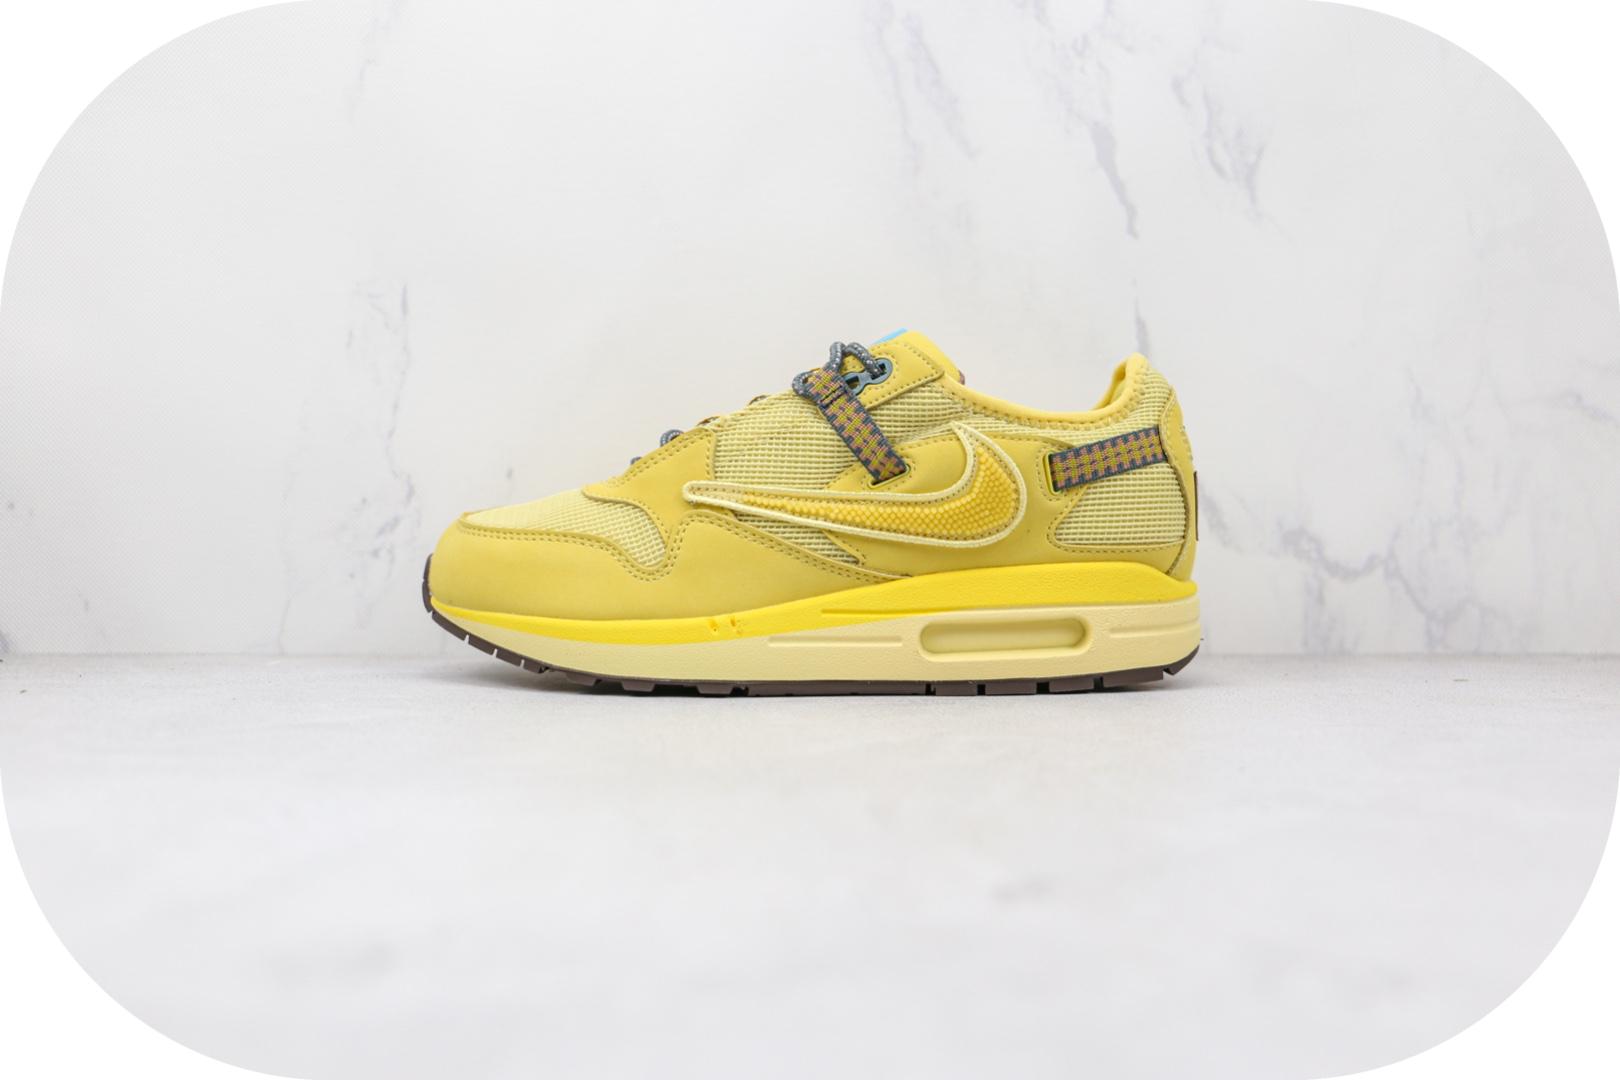 耐克Nike Air Max 1 Cactus Jack x Travis Scott联名款纯原版本柠檬黄色倒勾Max1气垫鞋原楦头纸板打造 货号:DO9392-700